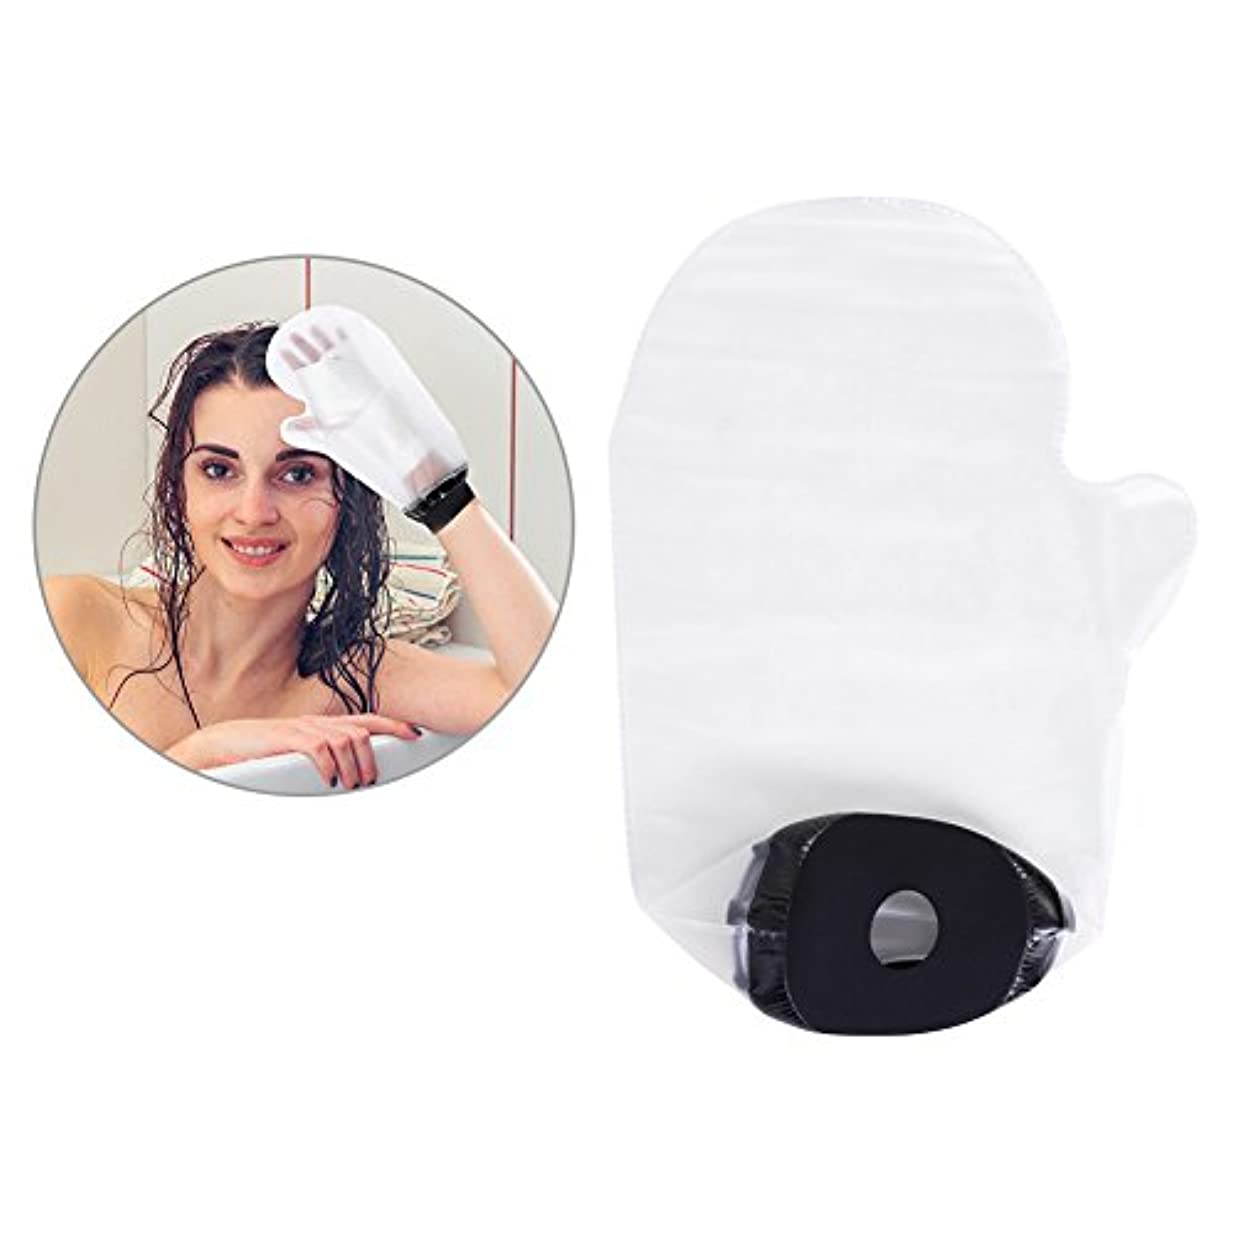 虫を数える請う厄介な防水包帯保護袋 入浴中に傷の骨折手の感染を防ぐ FDA認定あり